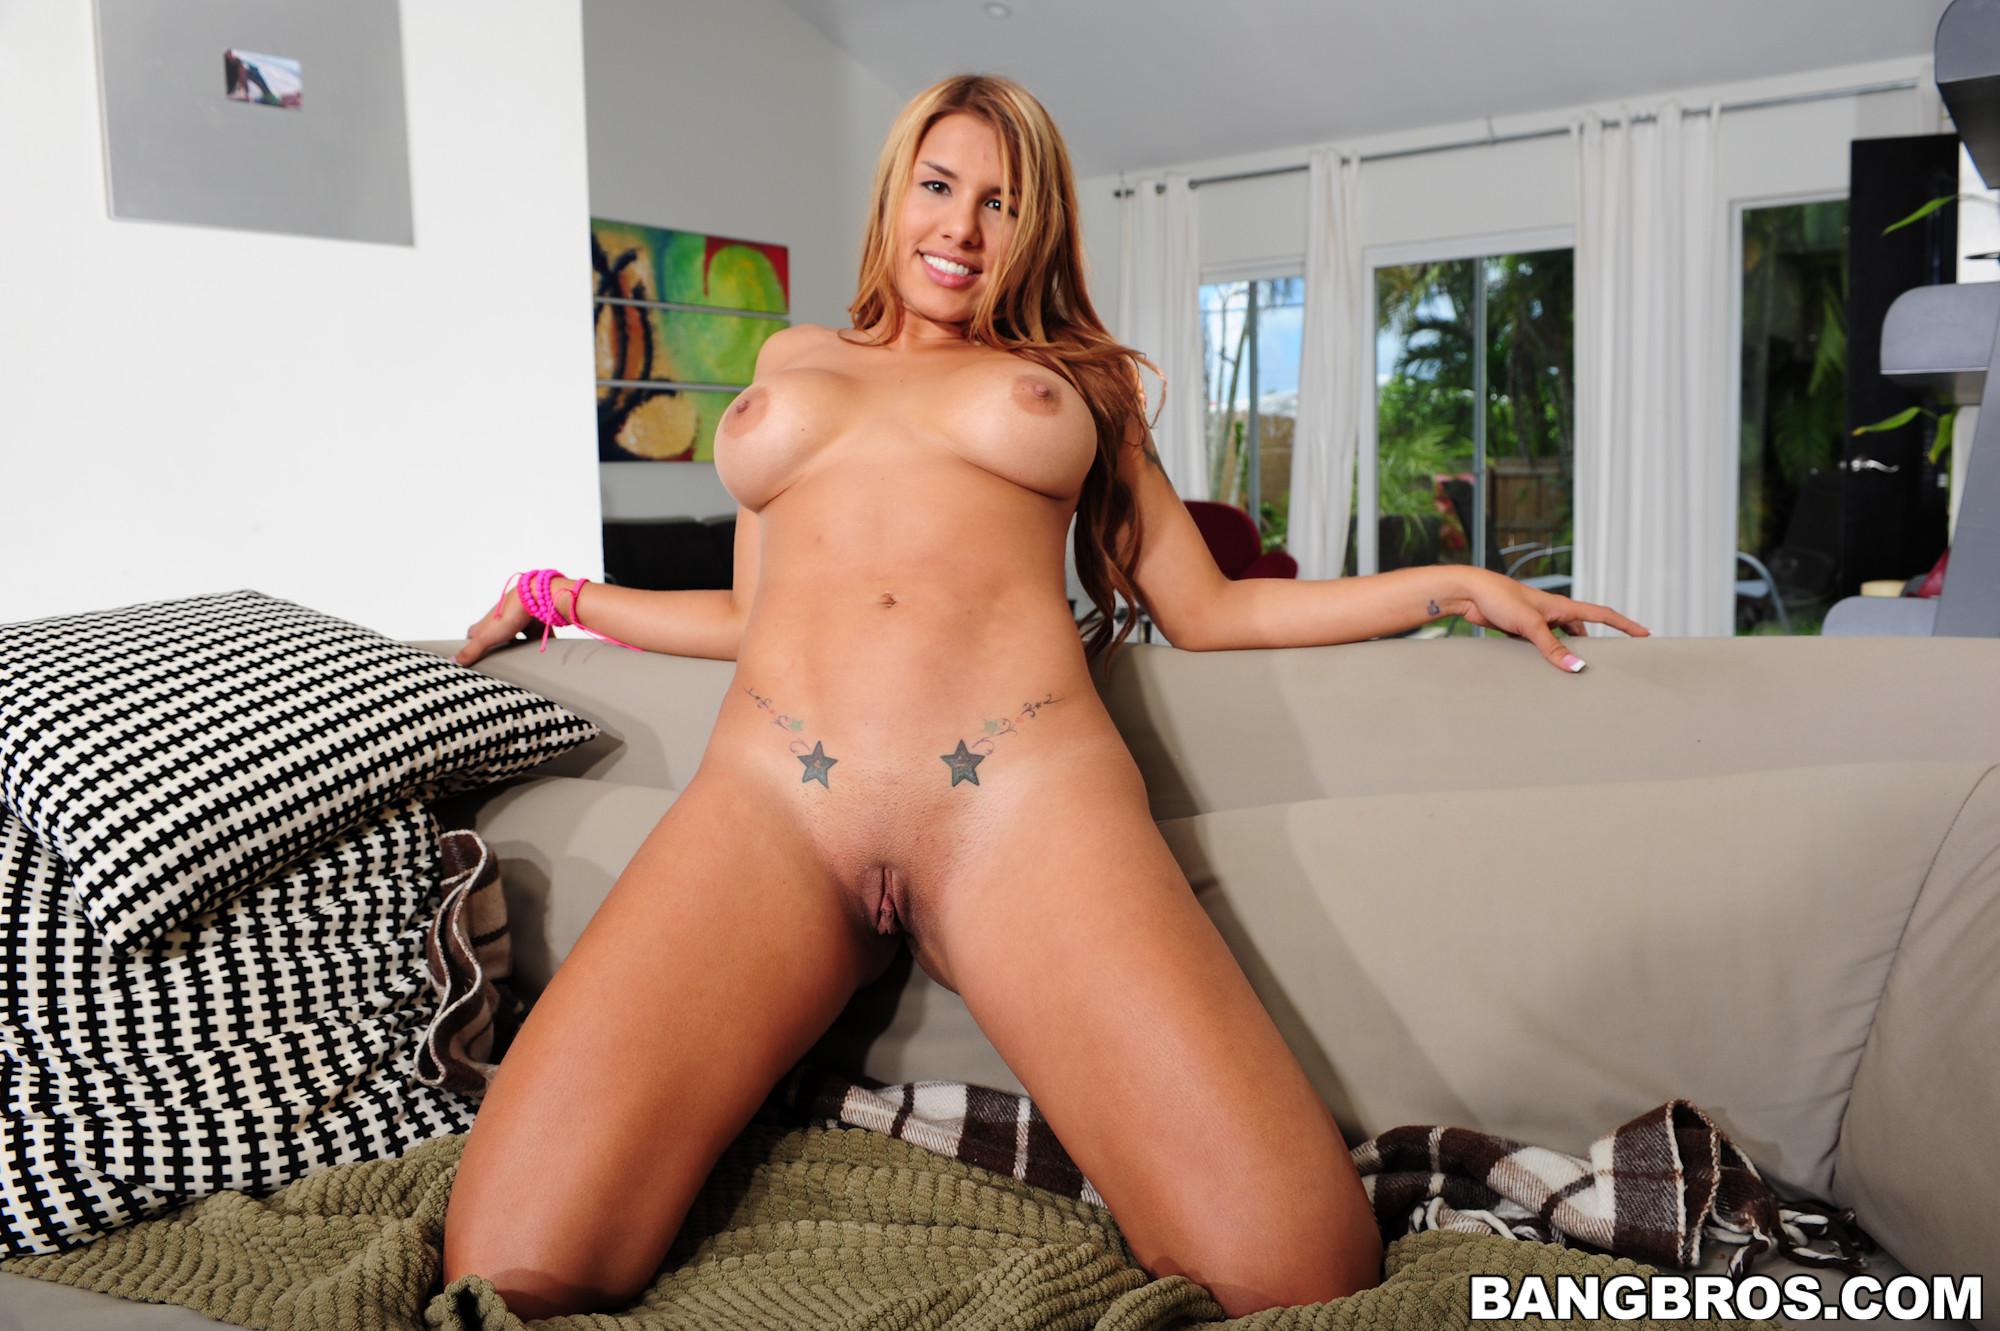 Колумбийская порно звезда Анита Торо